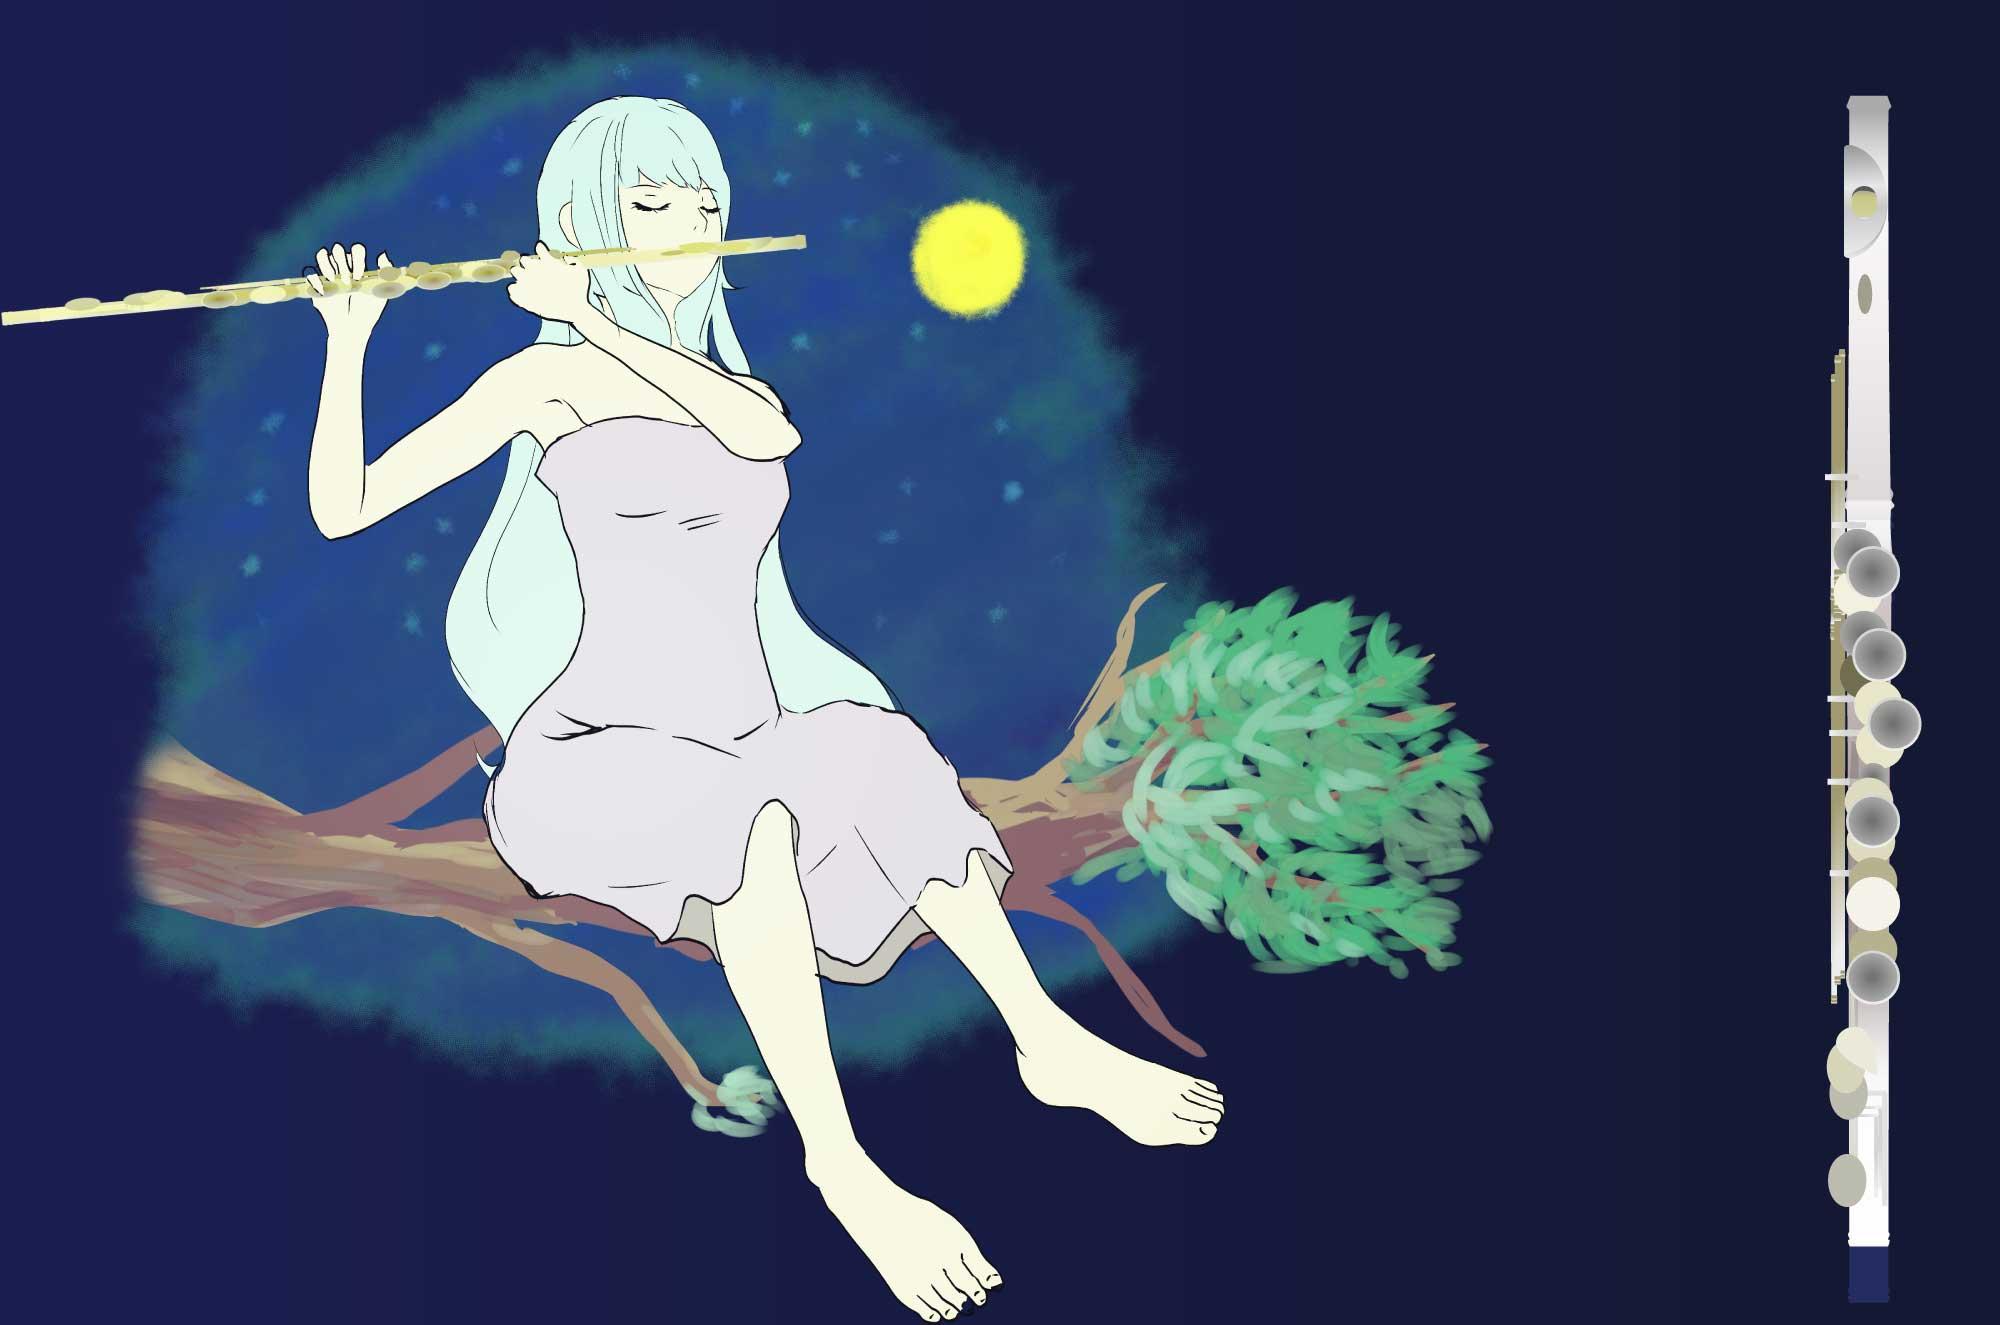 フルートのイラスト - 美しい音色の楽器の無料素材